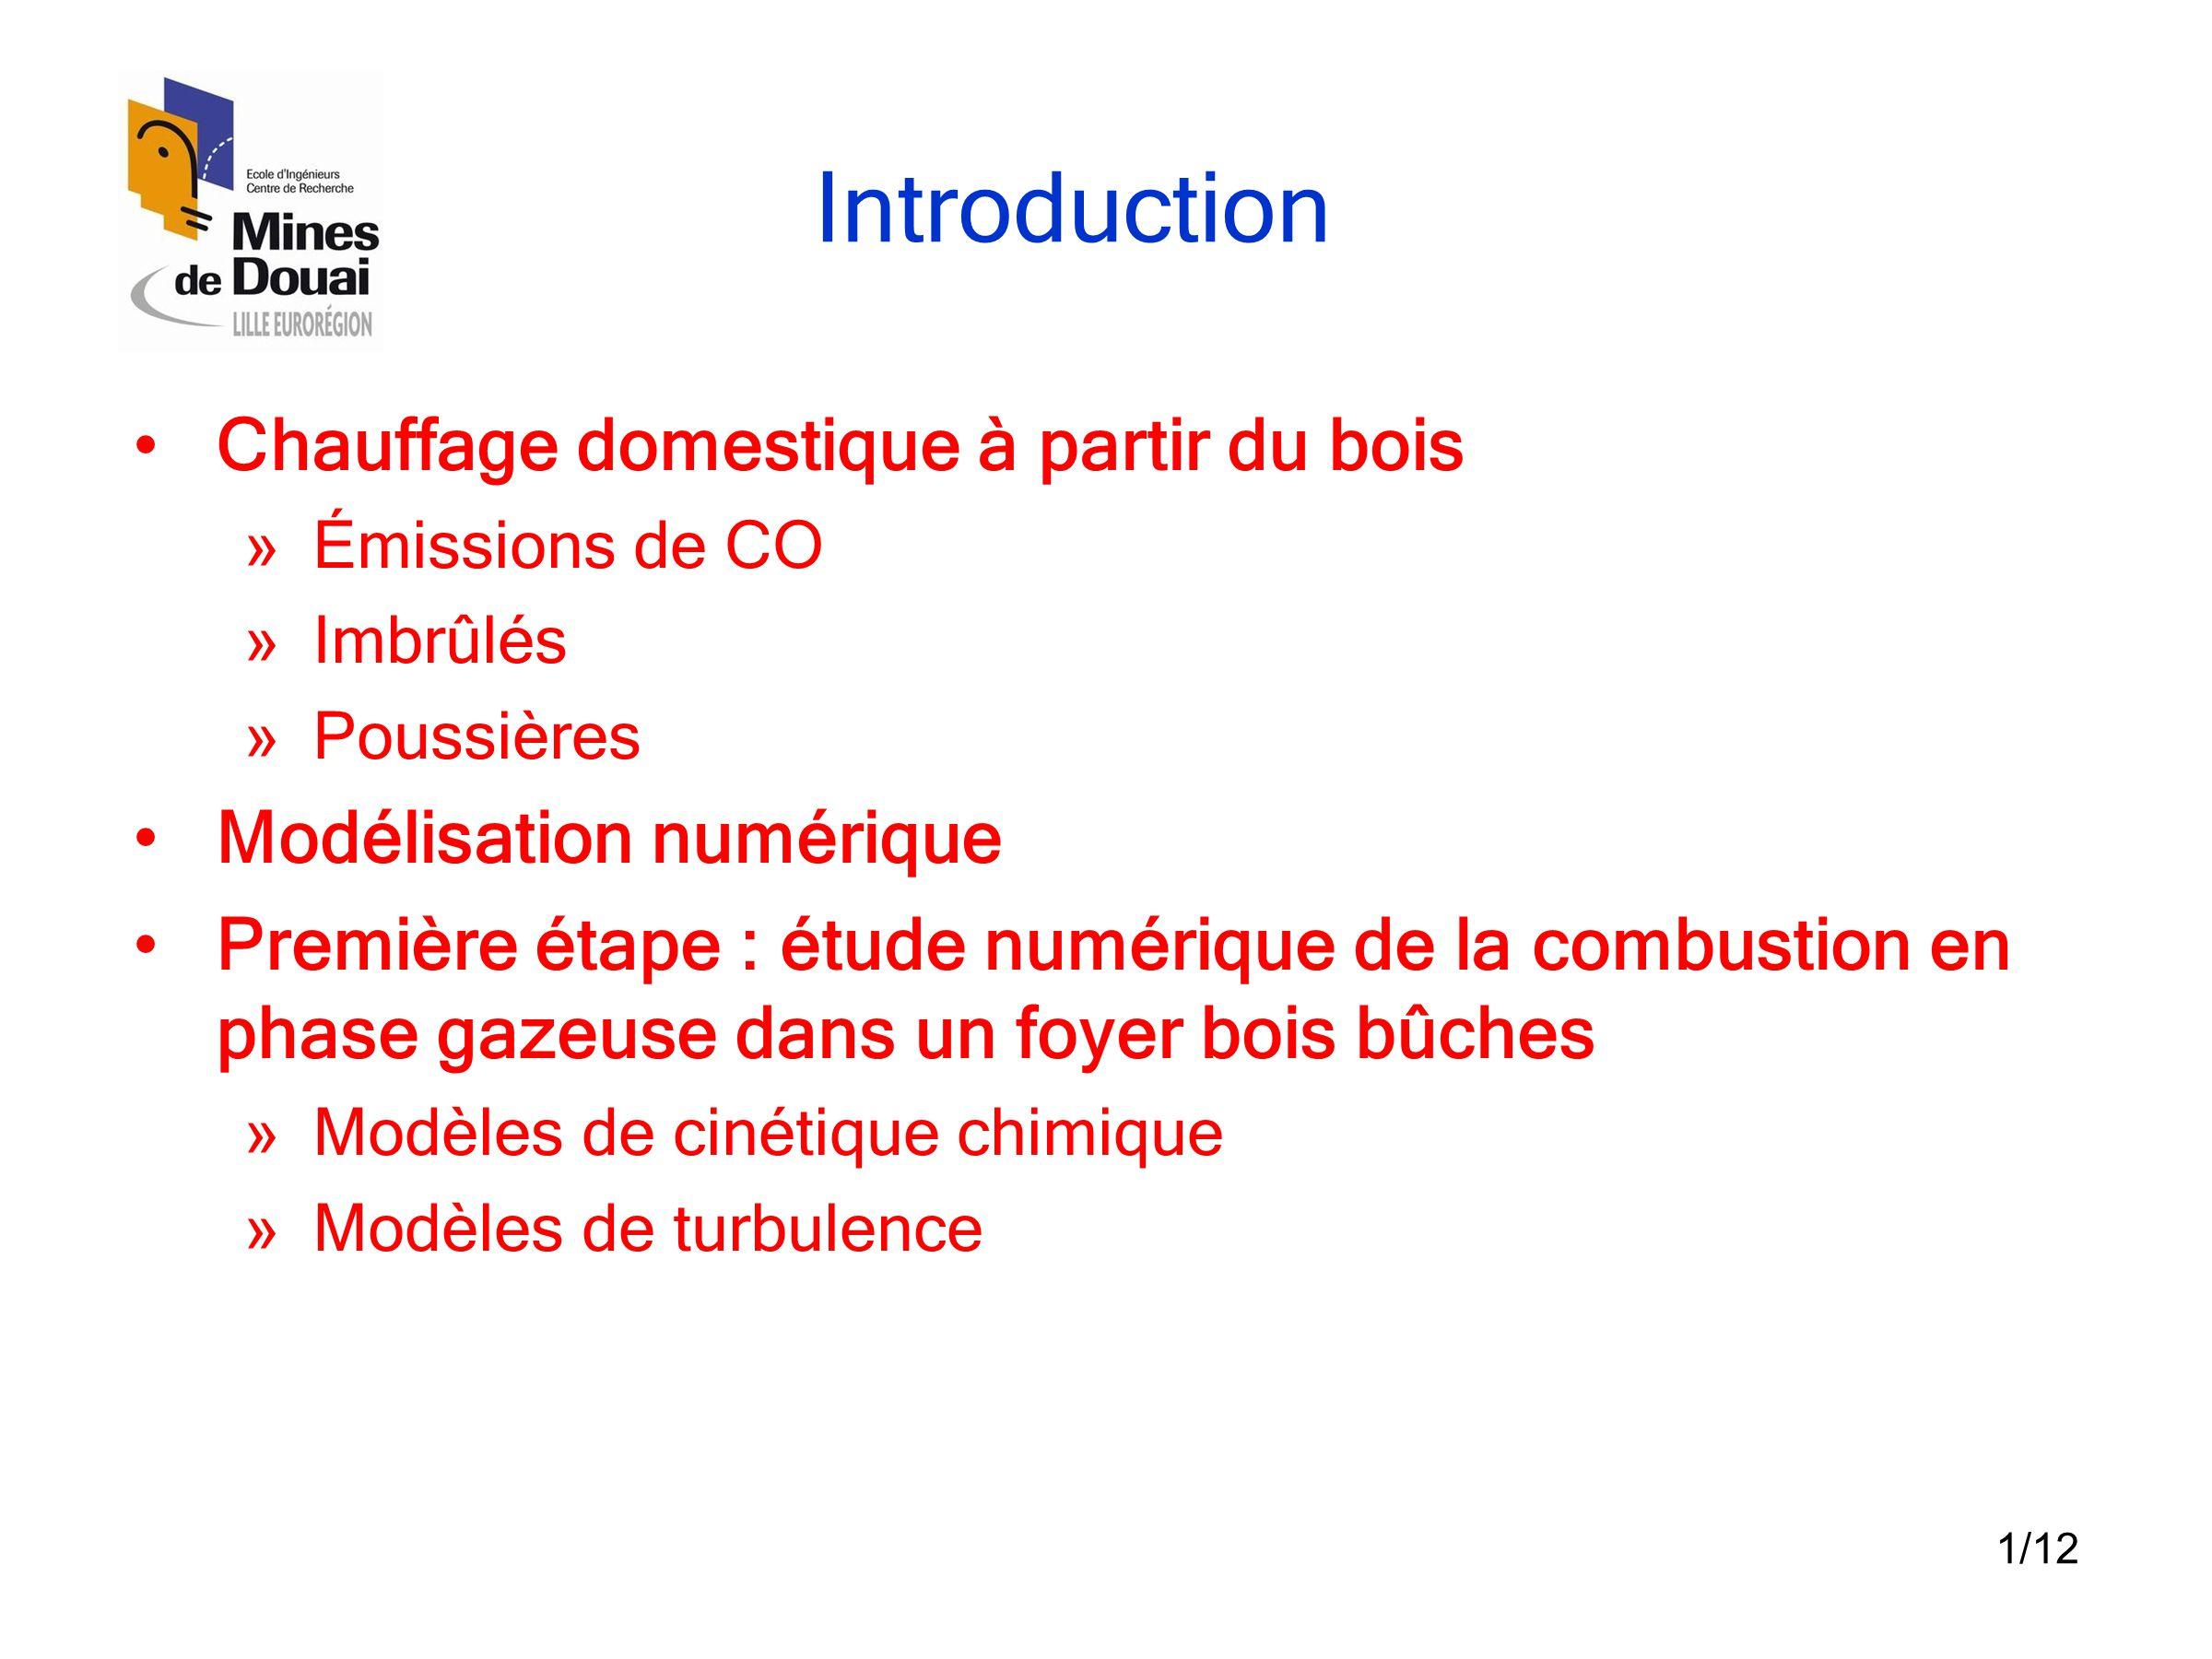 2/12 Chaudière de petite puissance •Chartreuse 22 •Caractéristiques » P nom = 18 kW » T s,eau = 80 °C » V eau = 40 l » T fumées = 350 °C •Dimensions 1165 x 785 x 682 mm •Principe de fonctionnement